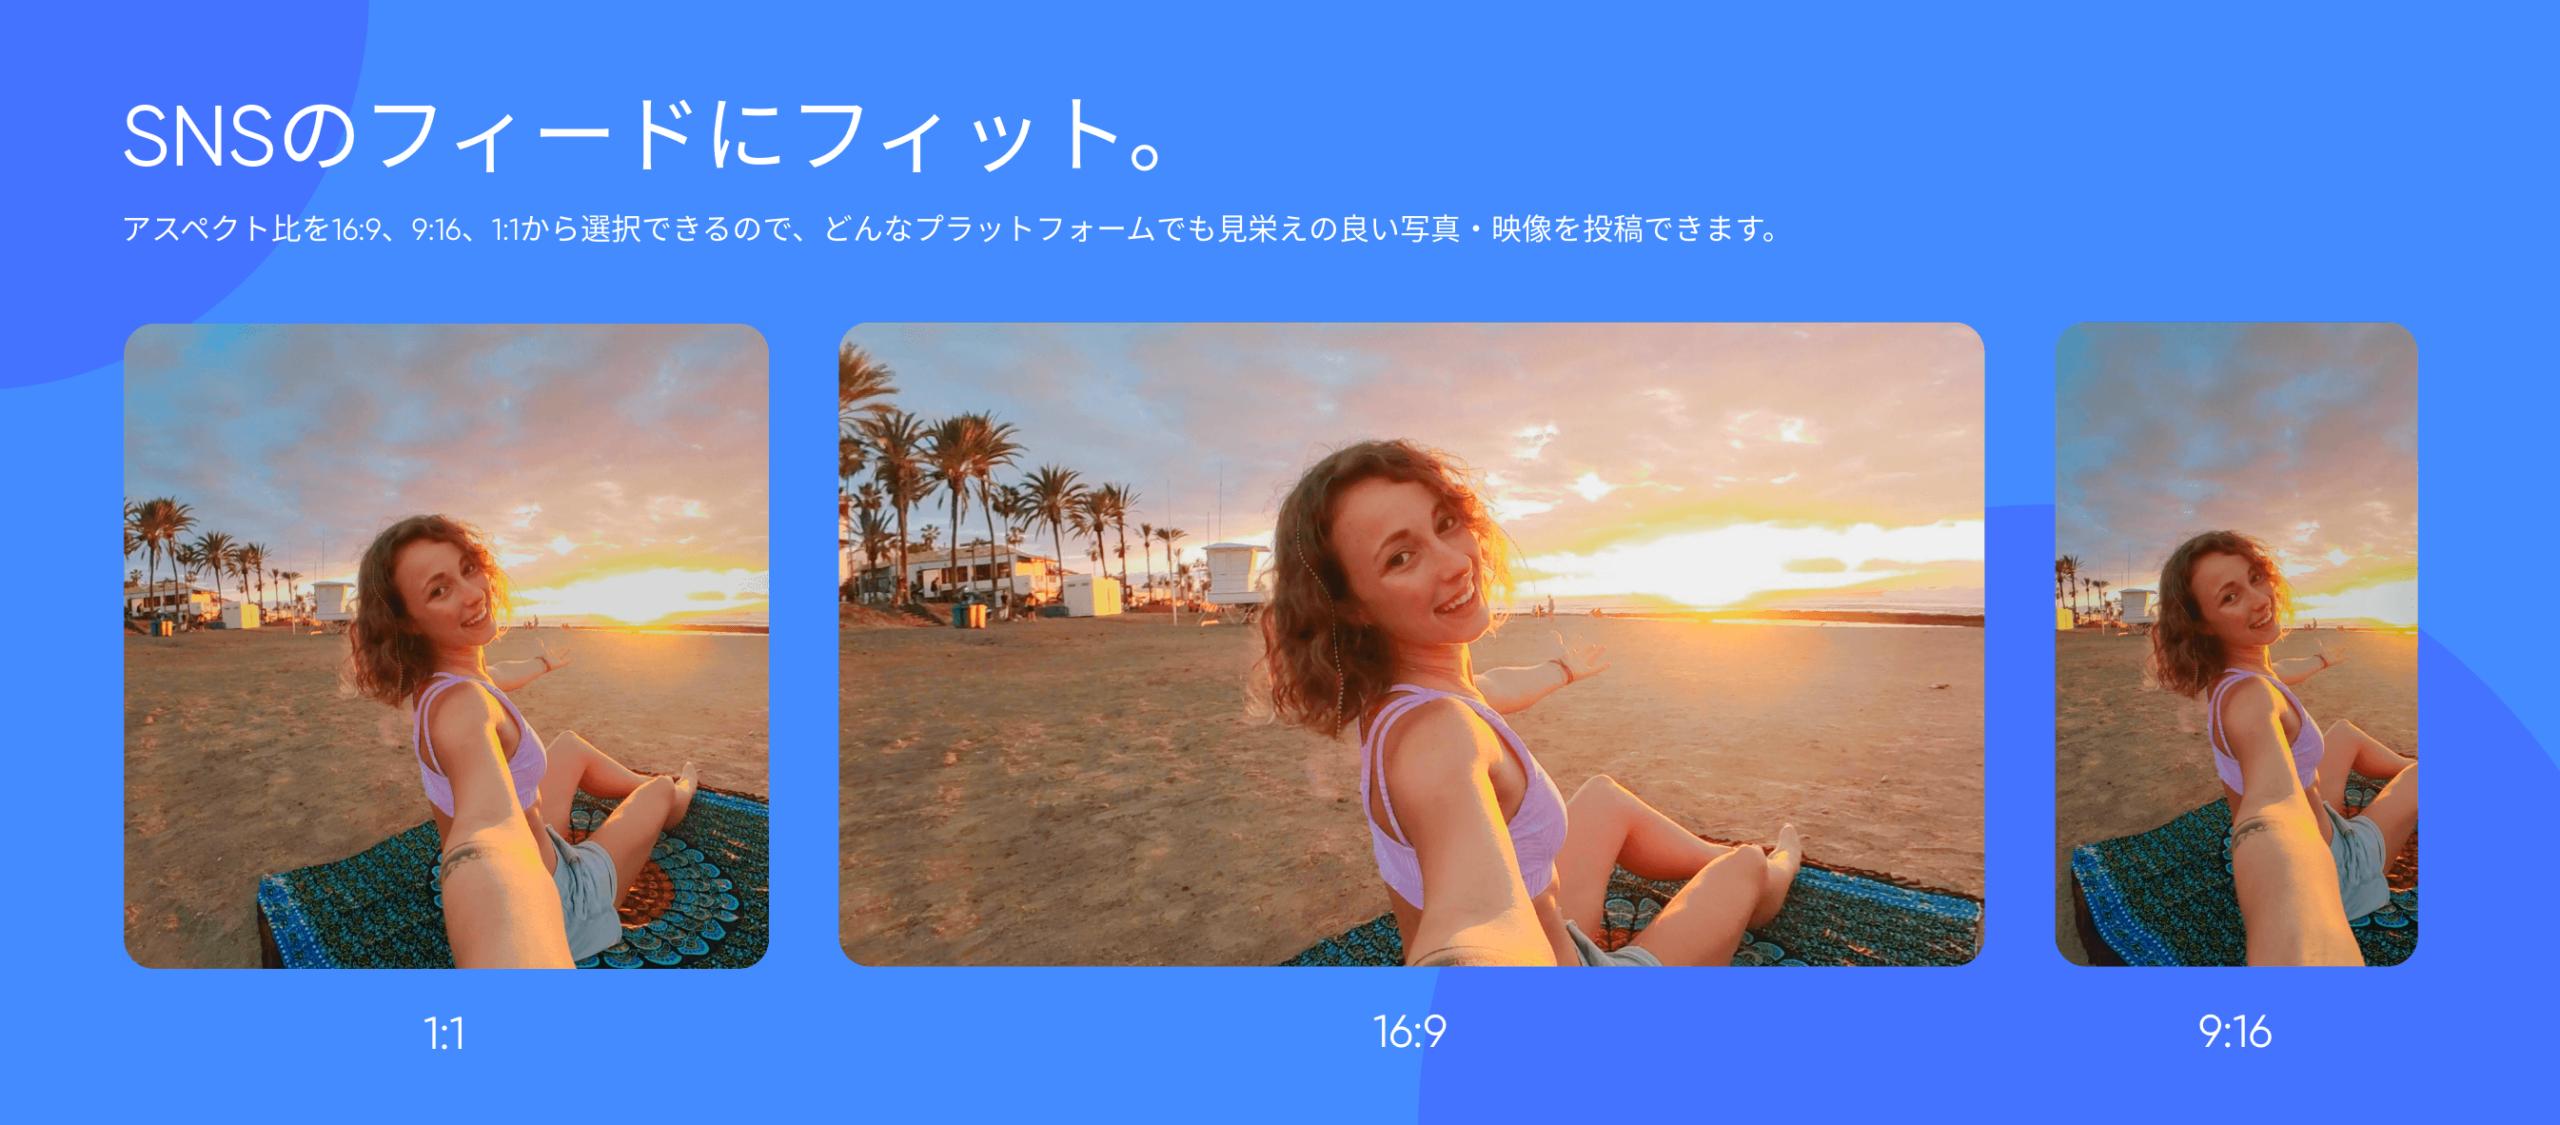 SNSに合わせた画角撮影 Insta360 GO 2